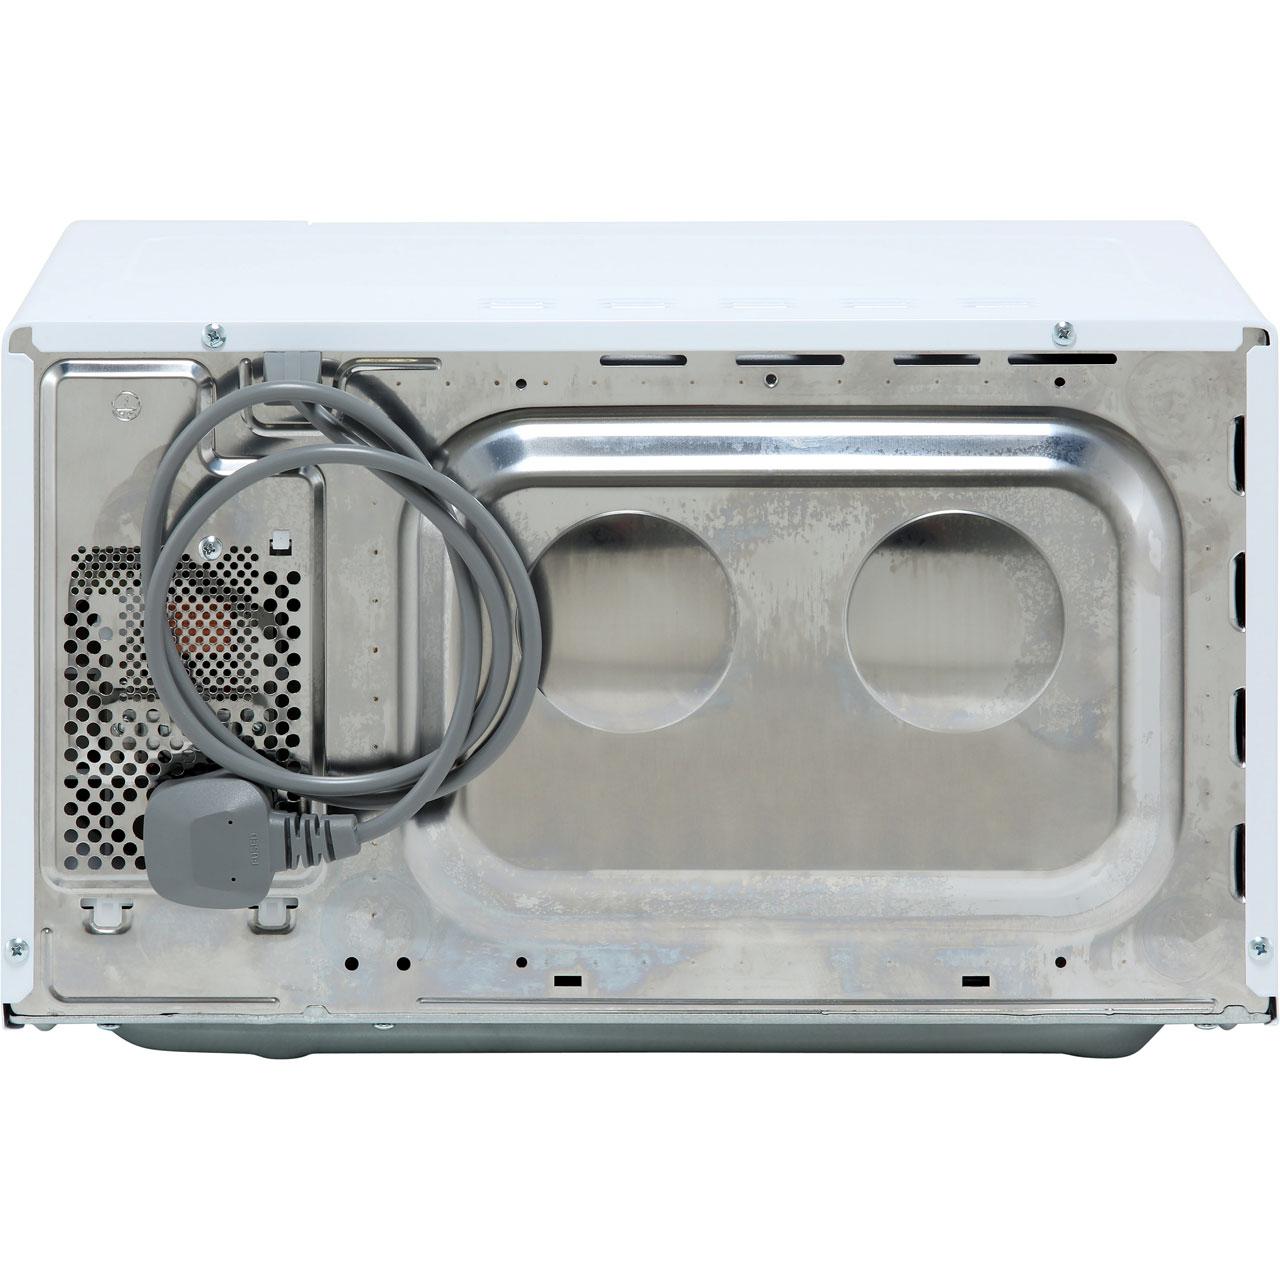 Daewoo KOR6N35SR 20 Litre Microwave - White